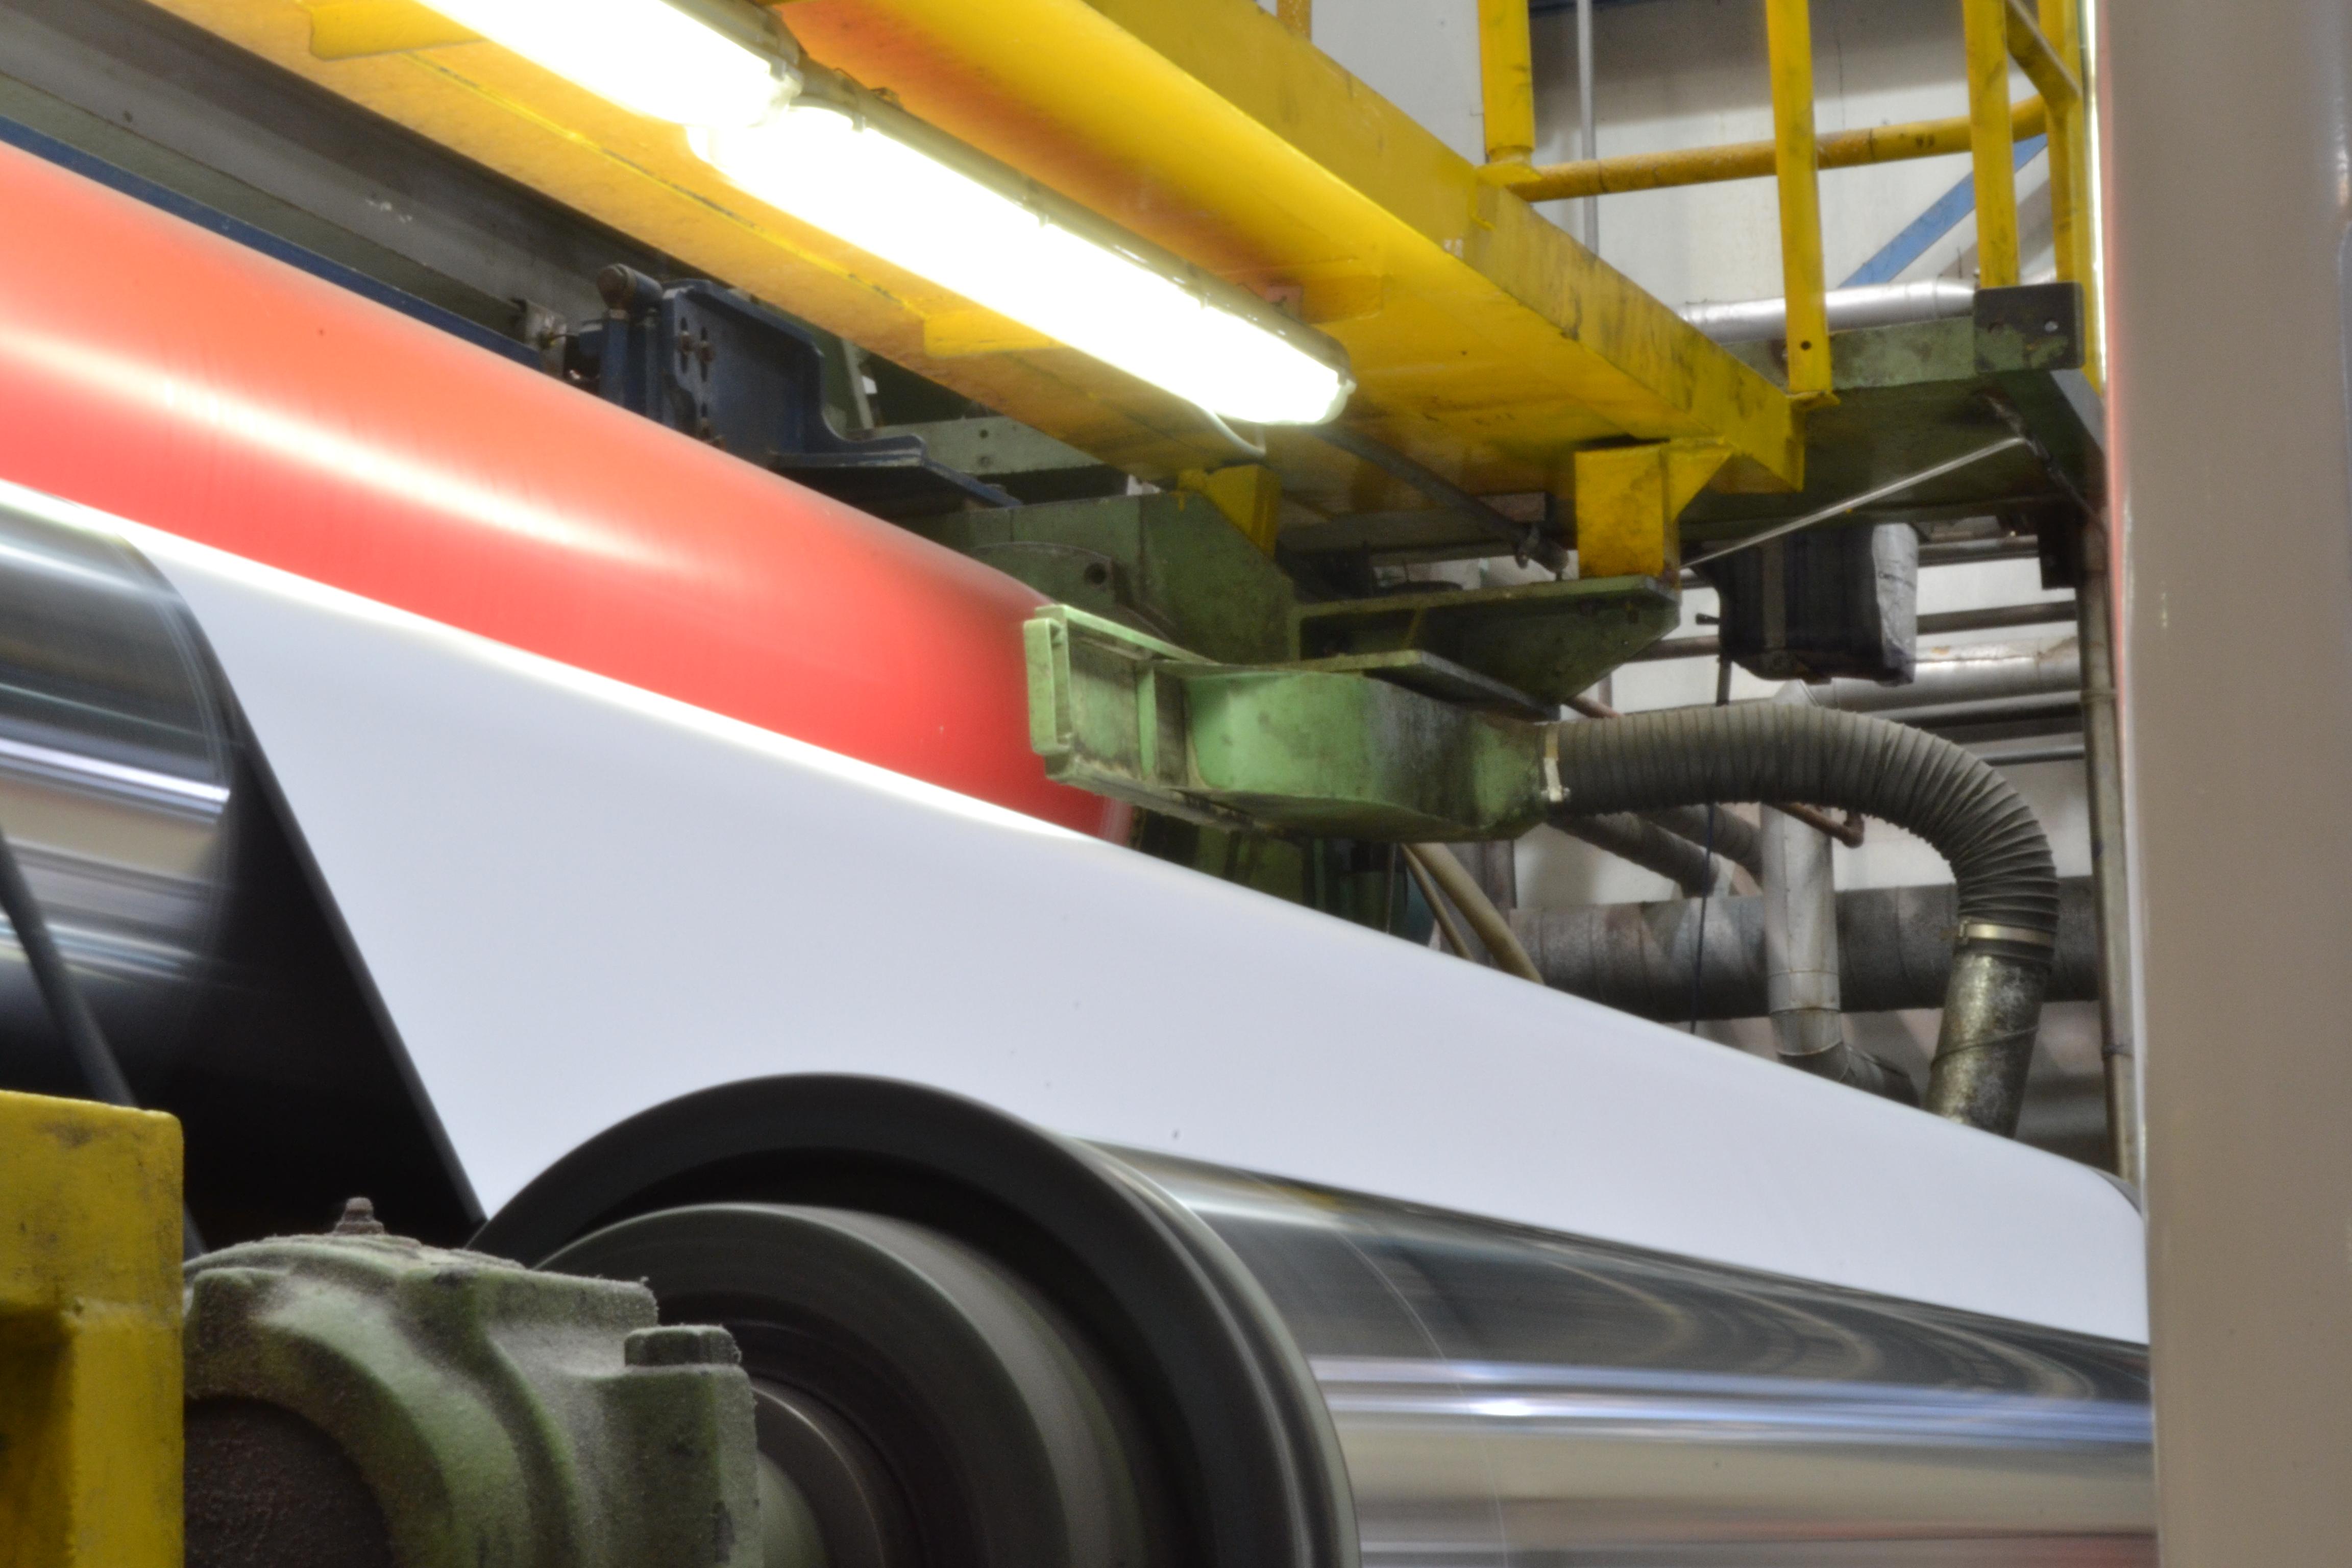 Crecimiento de la industria del papel y cartón. Sector aporta el 4,6% del PIB industrial de Colombia | EL FRENTE